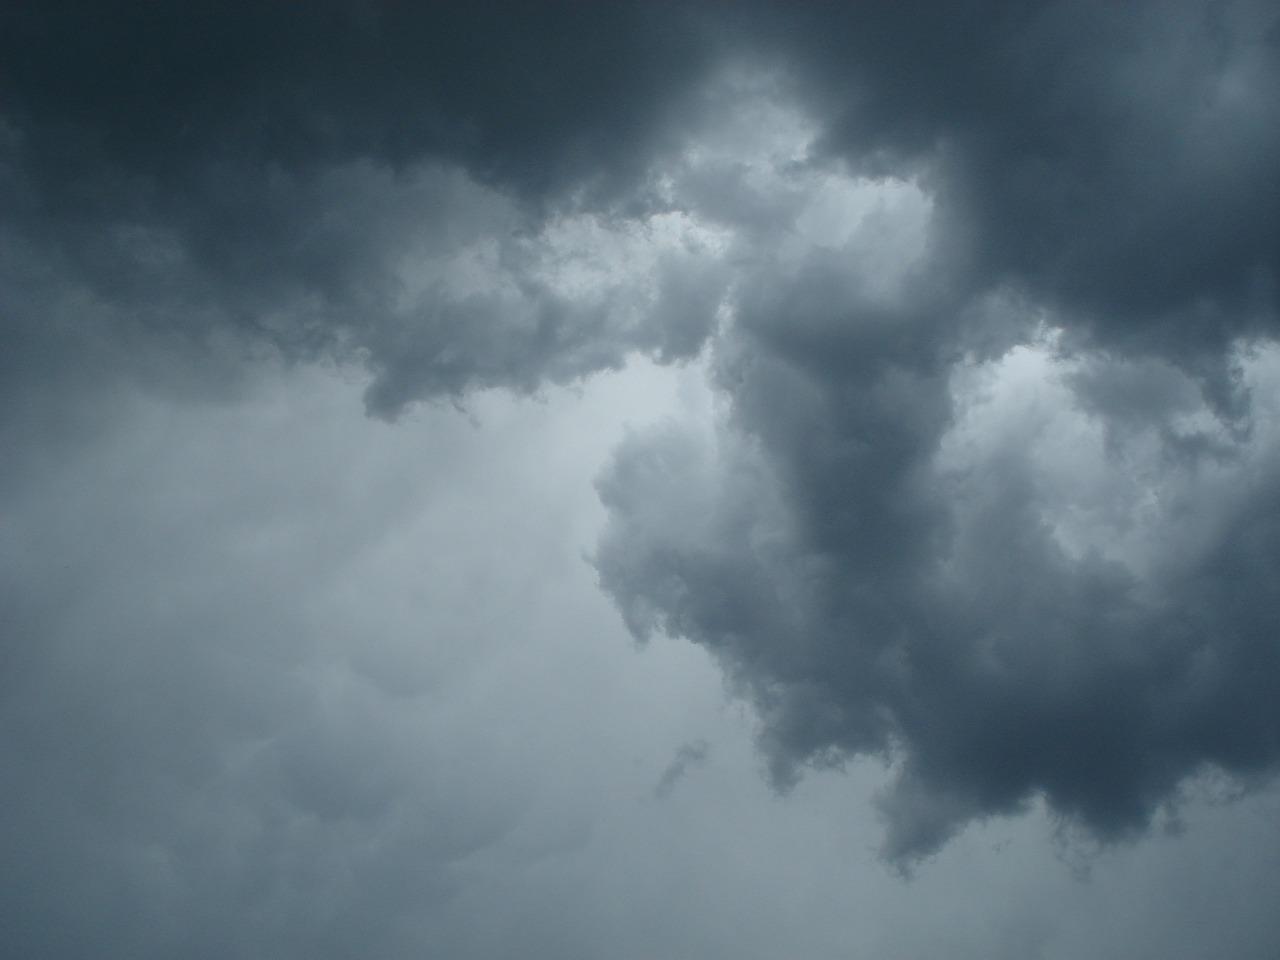 Previsioni meteo per venerdi 21 e sabato 22 ottobre: peggioramento imminente